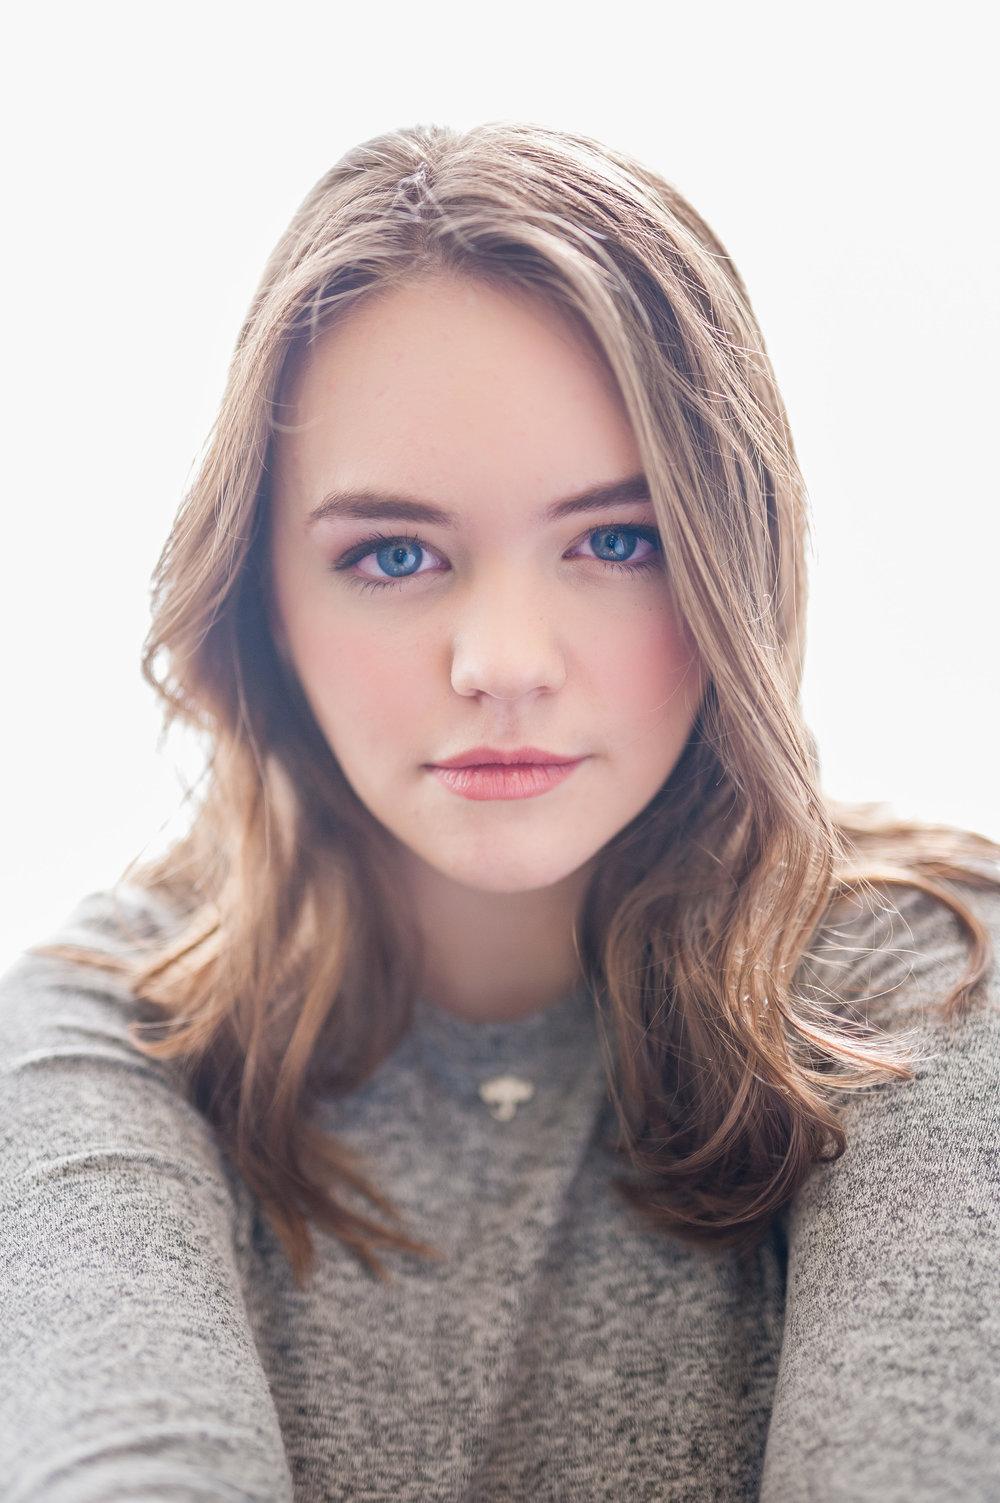 MA-teen-actress-headshot-Savanna-1.jpg